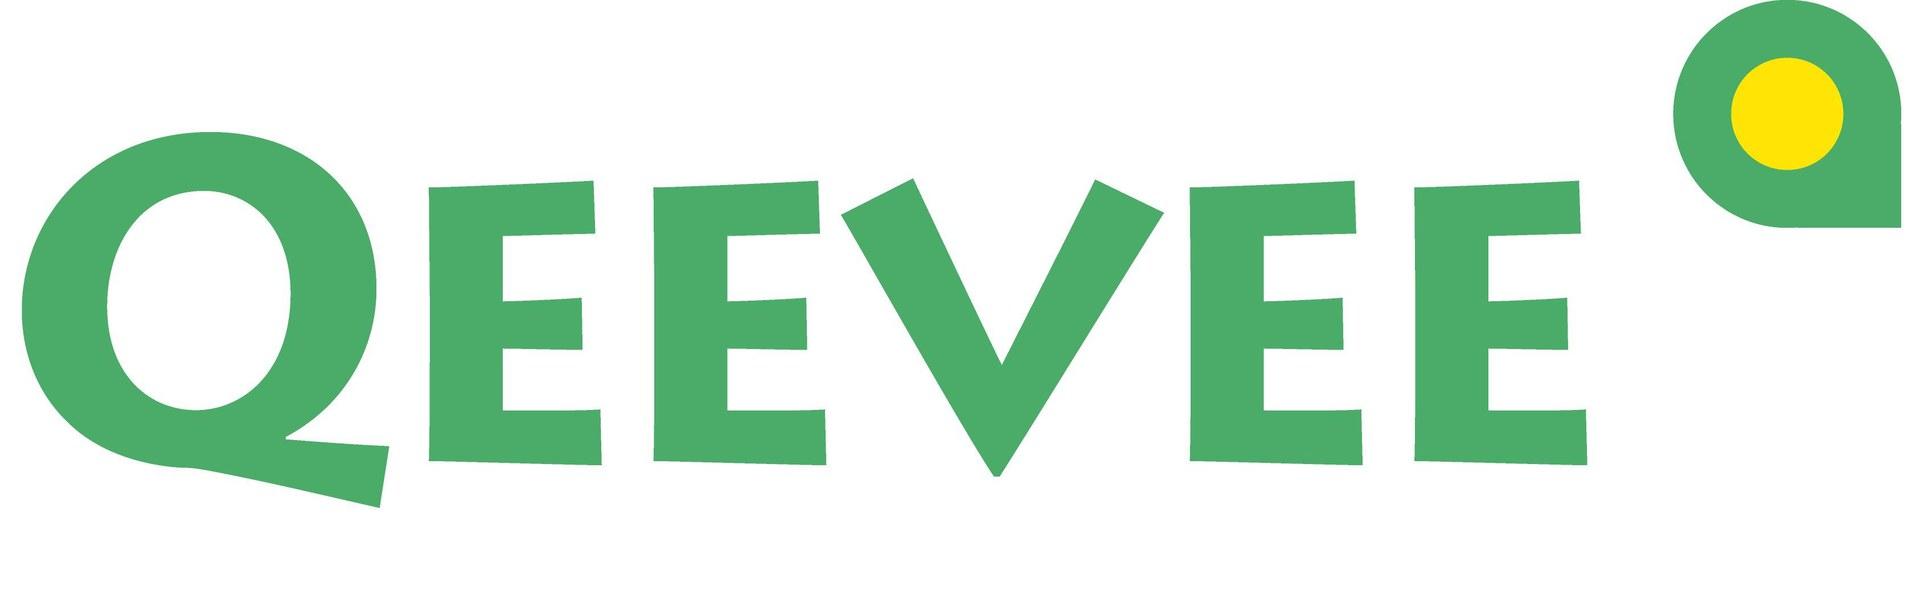 Qeevee-Logo.jpg